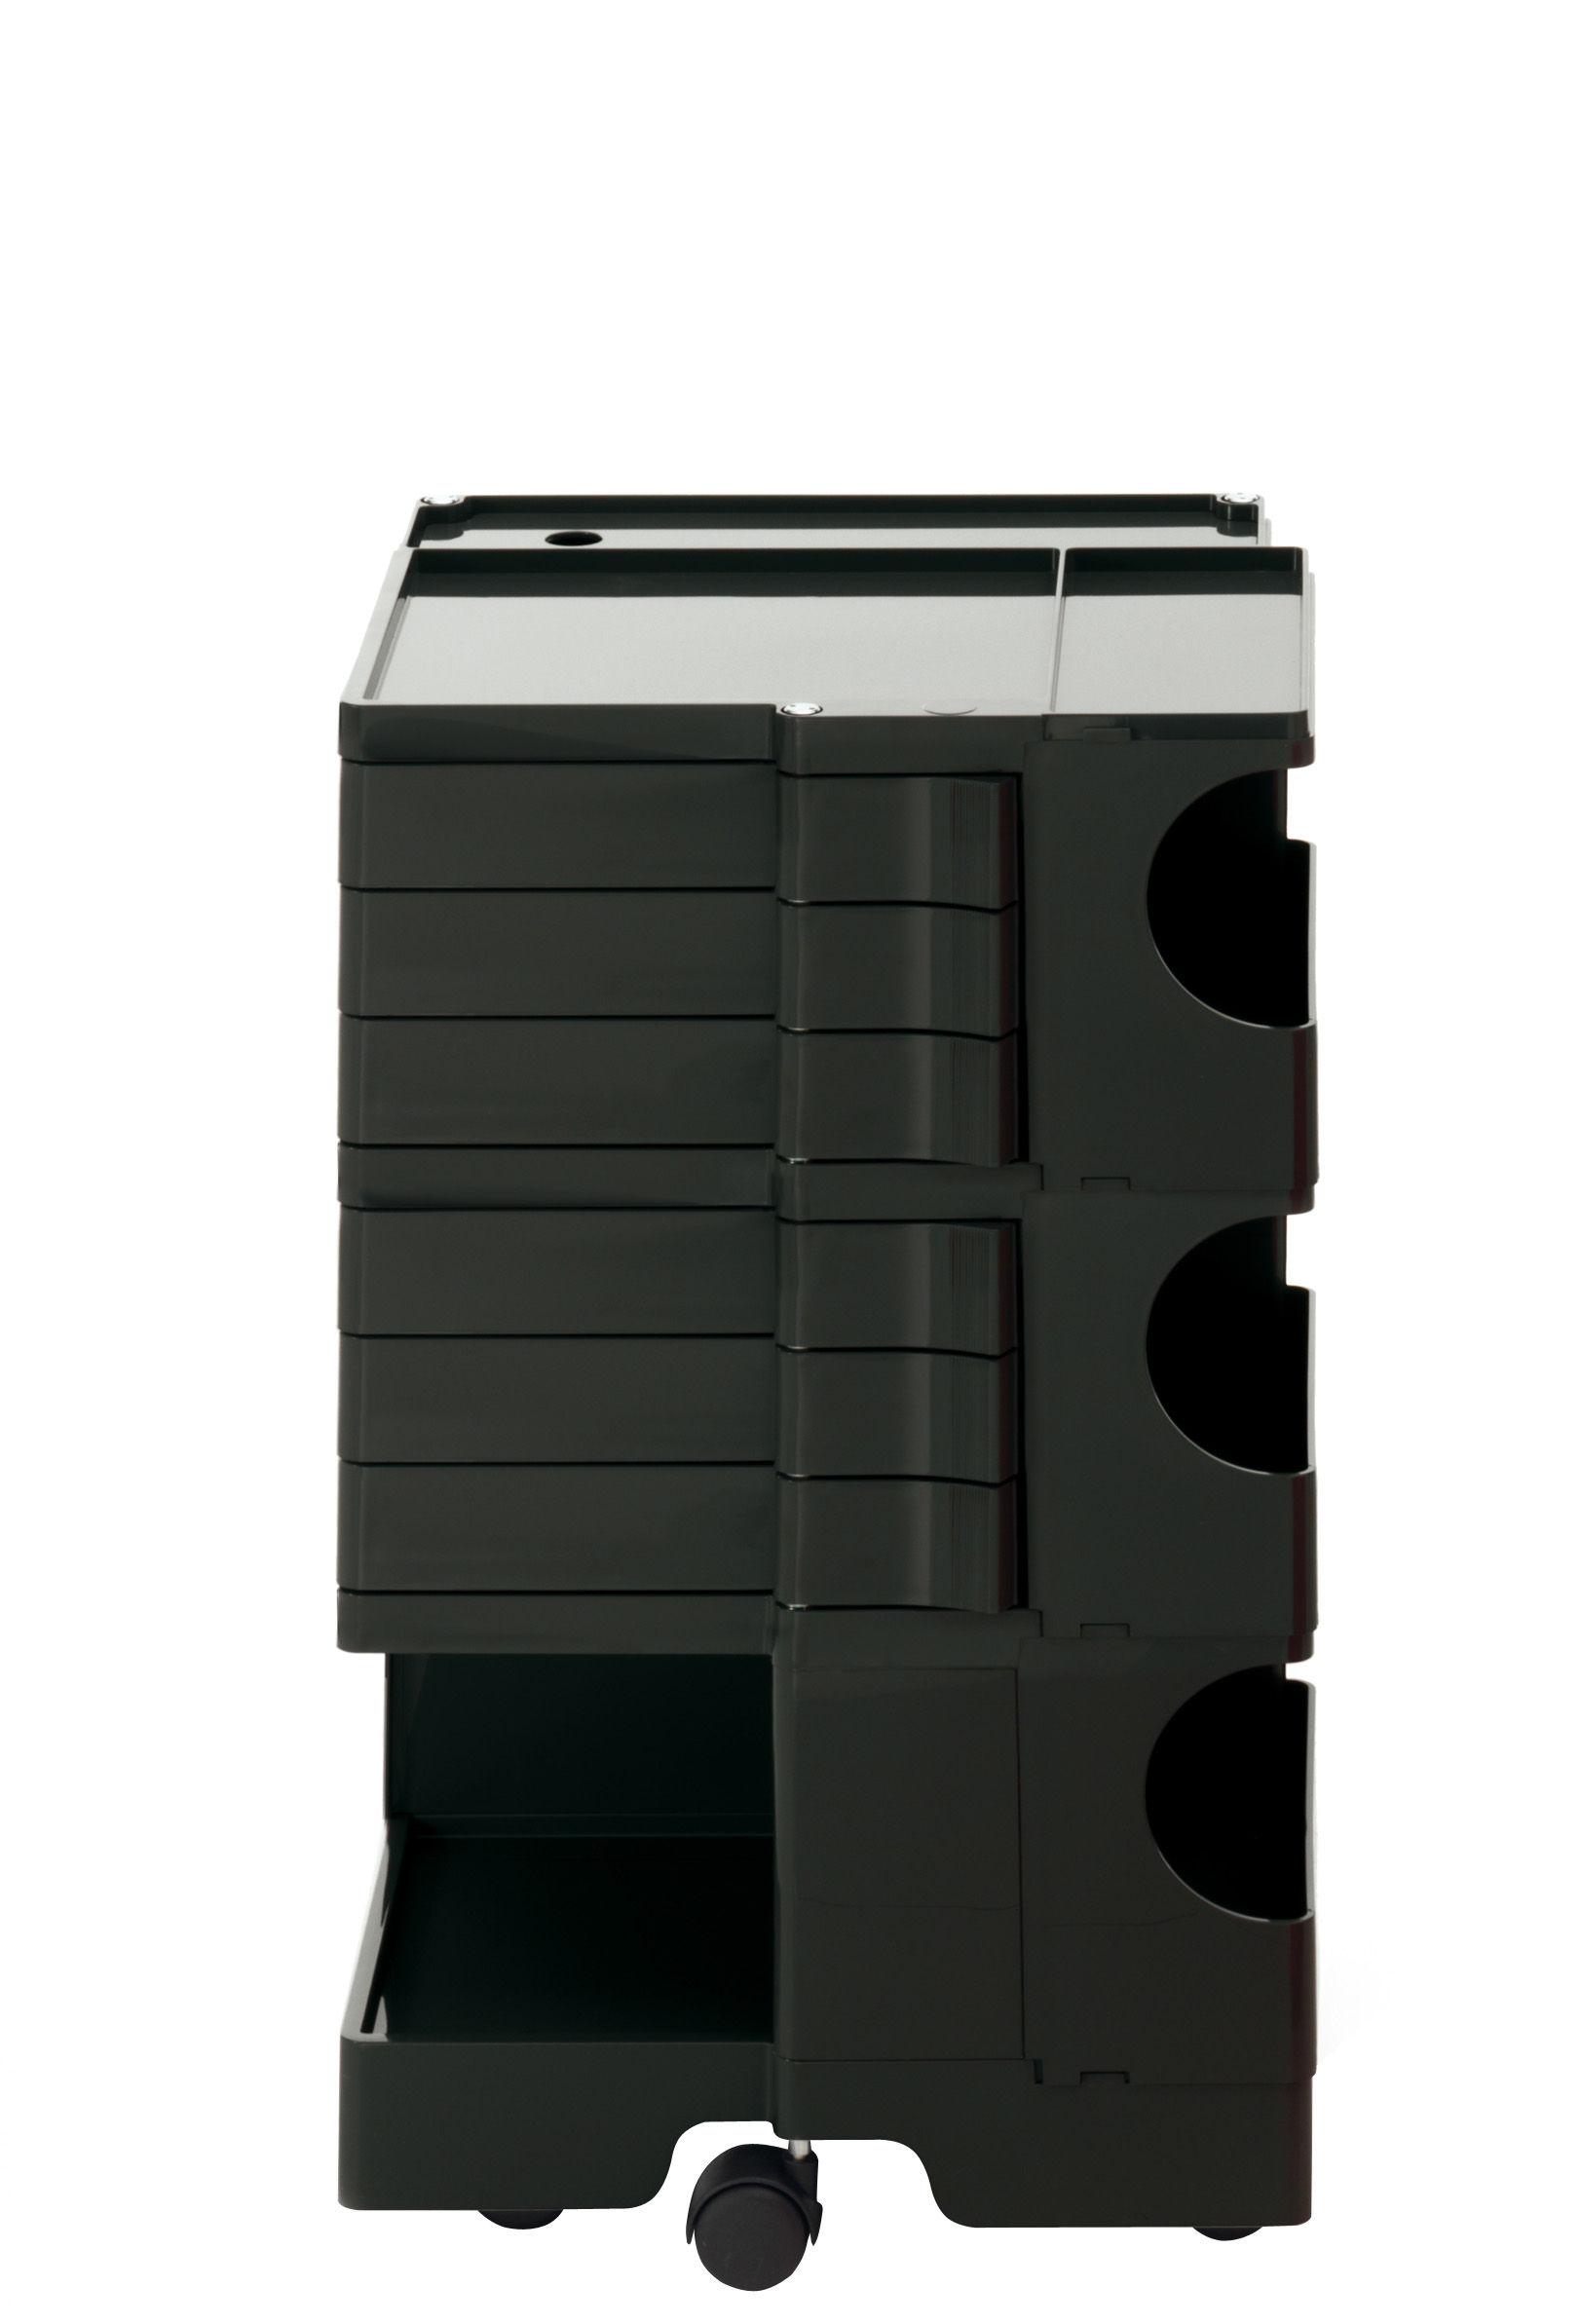 Mobilier - Compléments d'ameublement - Desserte Boby / H 73 cm - 6 tiroirs - B-LINE - Noir - ABS